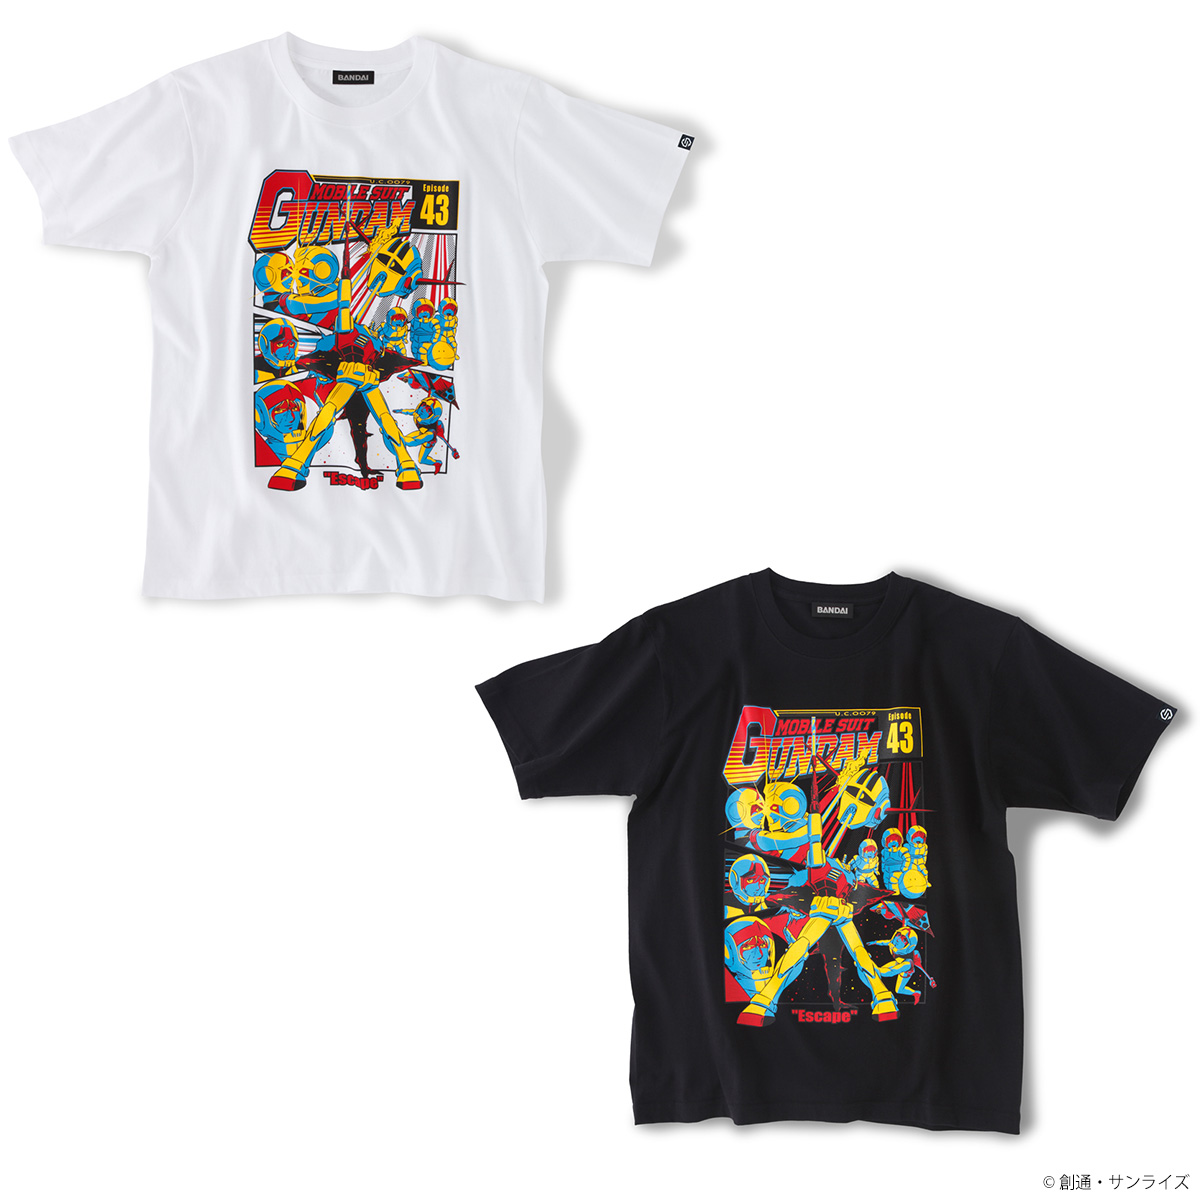 『機動戦士ガンダム』EPISODE Tシャツシリーズ第七弾発売!